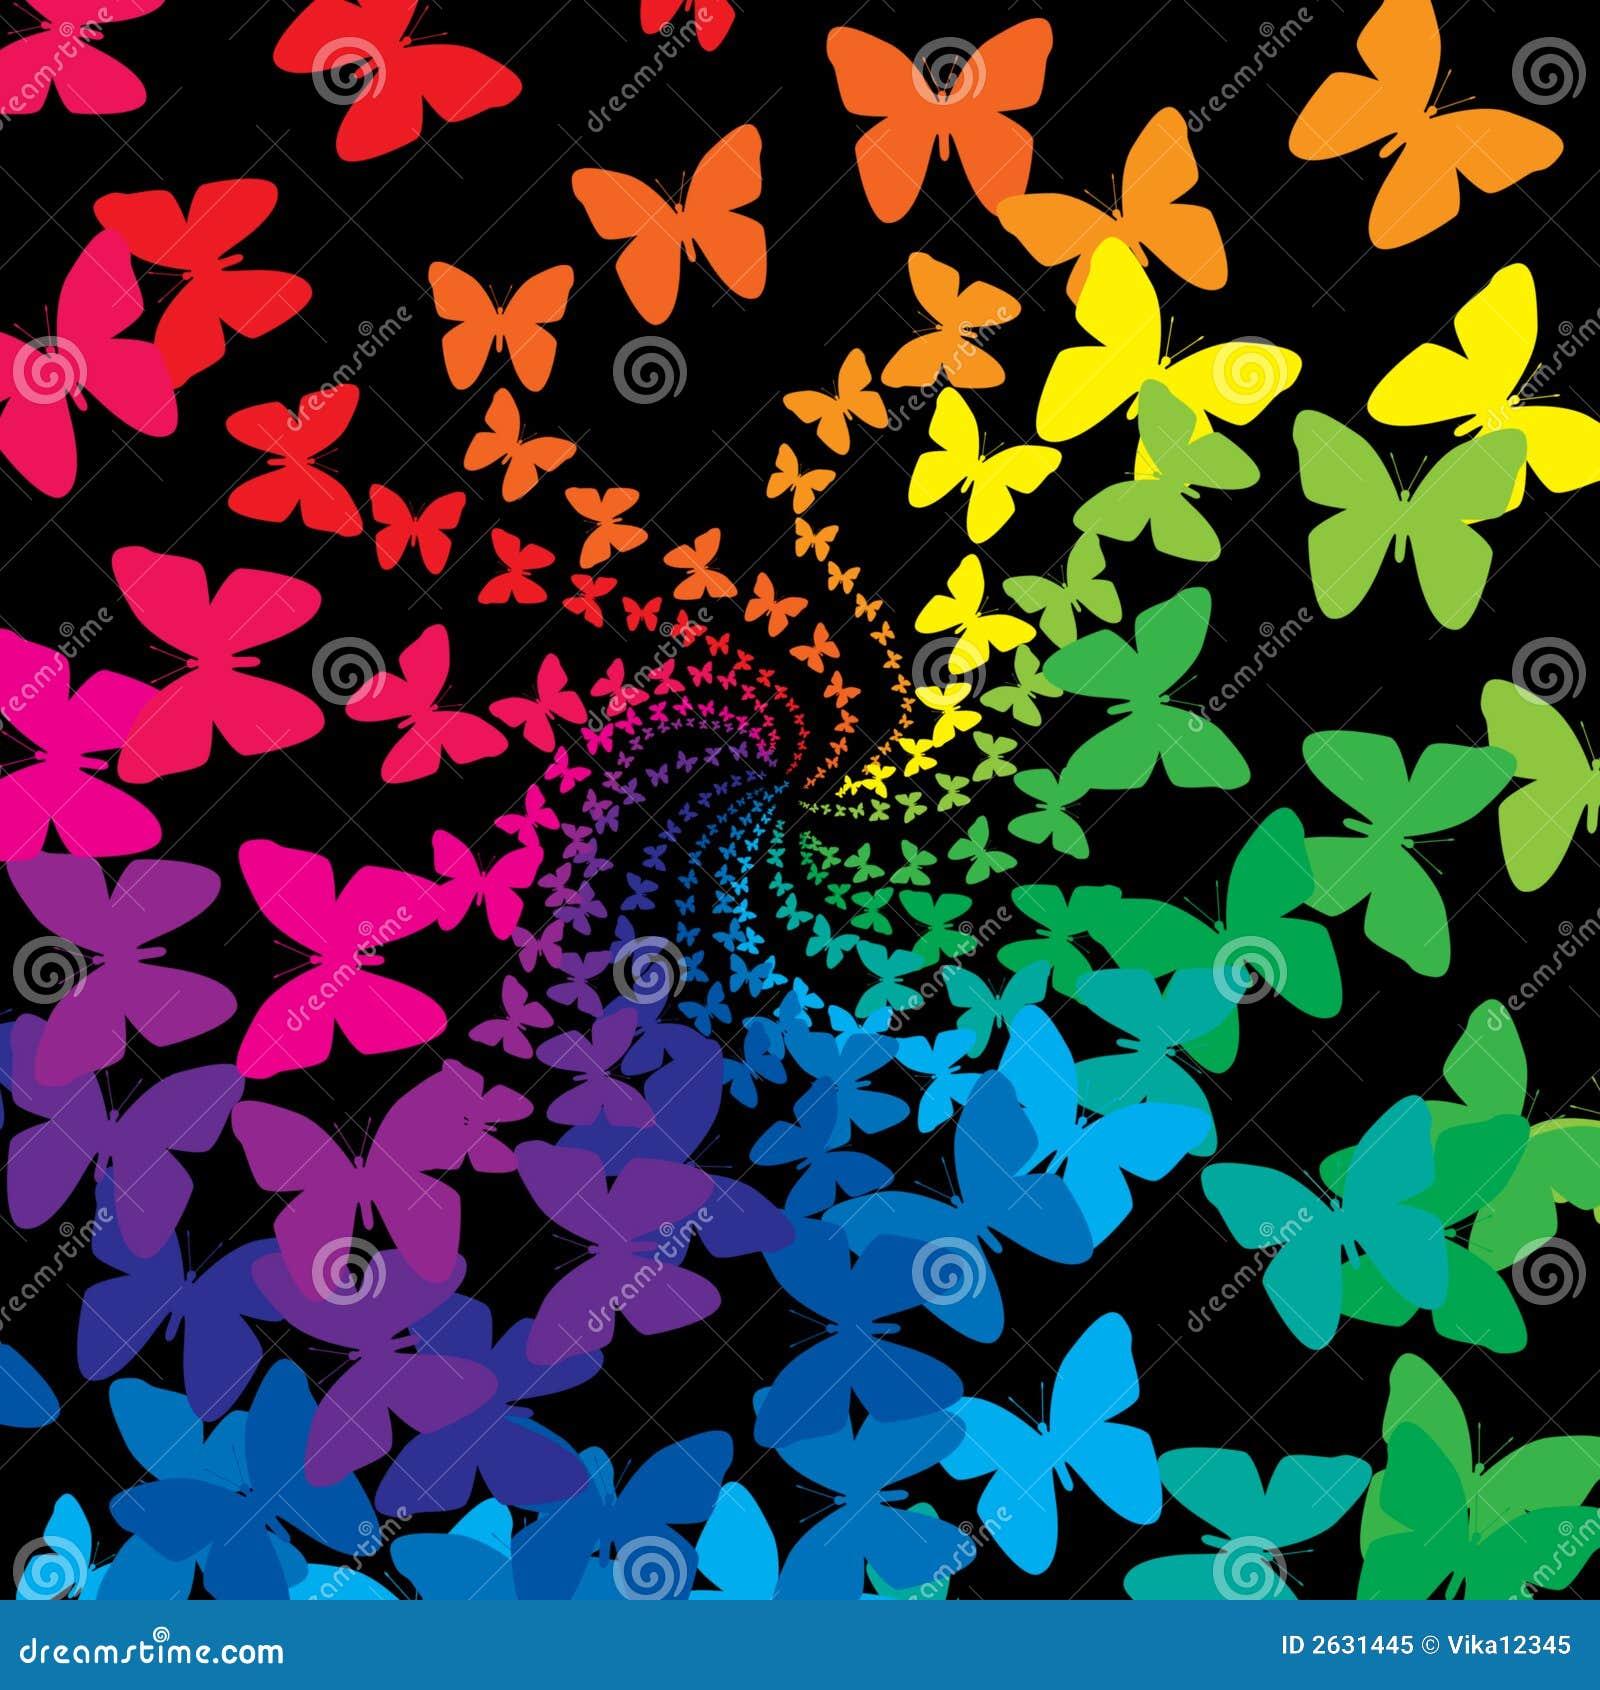 Diseño Del Rainbow Warrior Iii: Mariposas Del Arco Iris Foto De Archivo Libre De Regalías